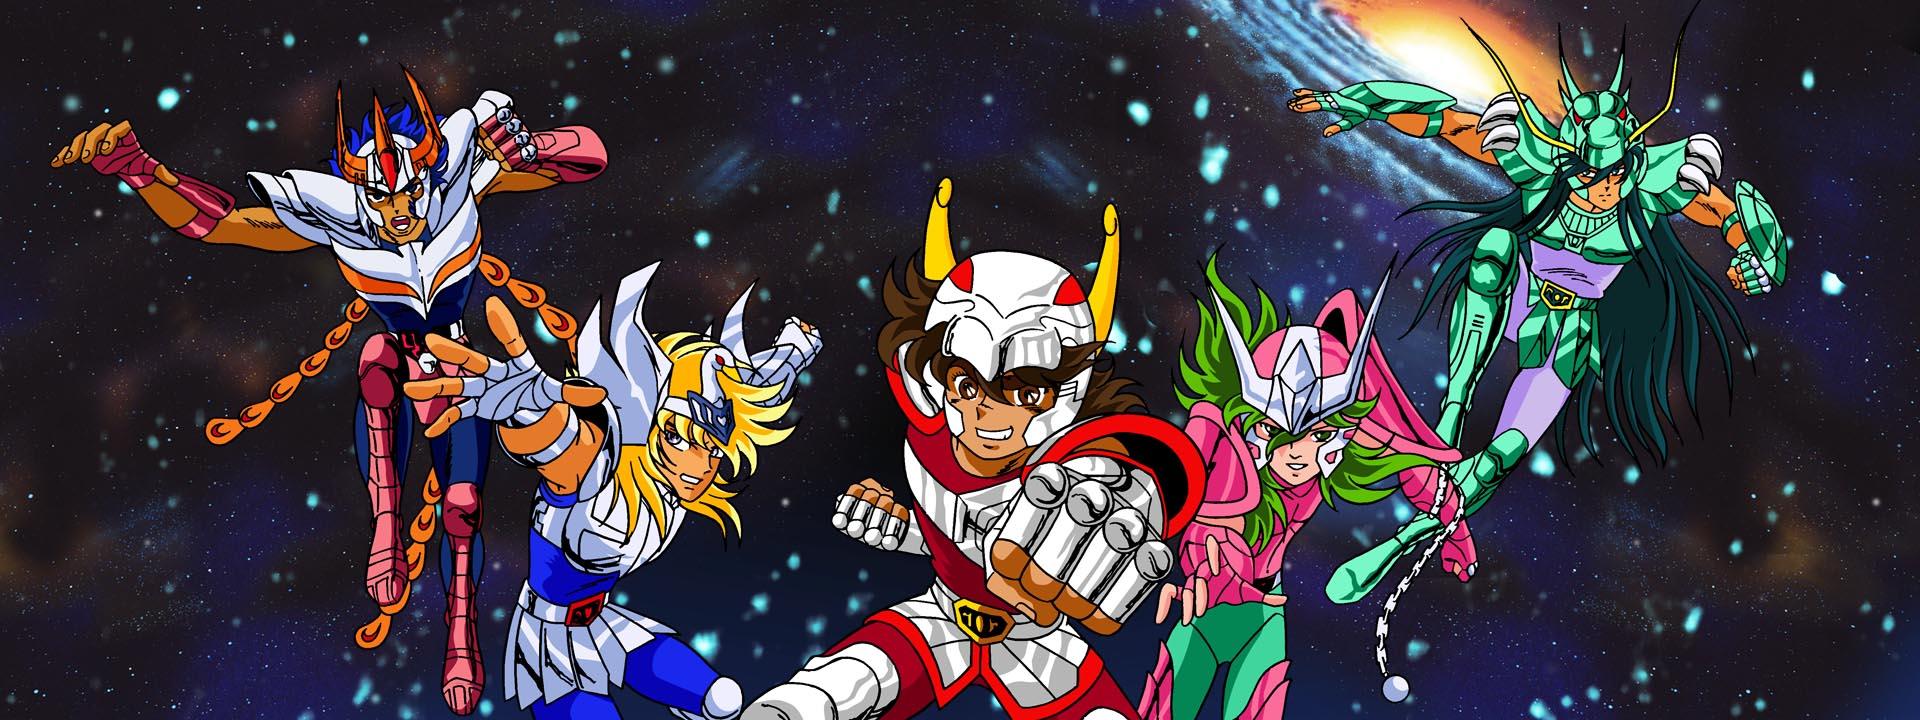 Les chevaliers du zodiaque.jpg